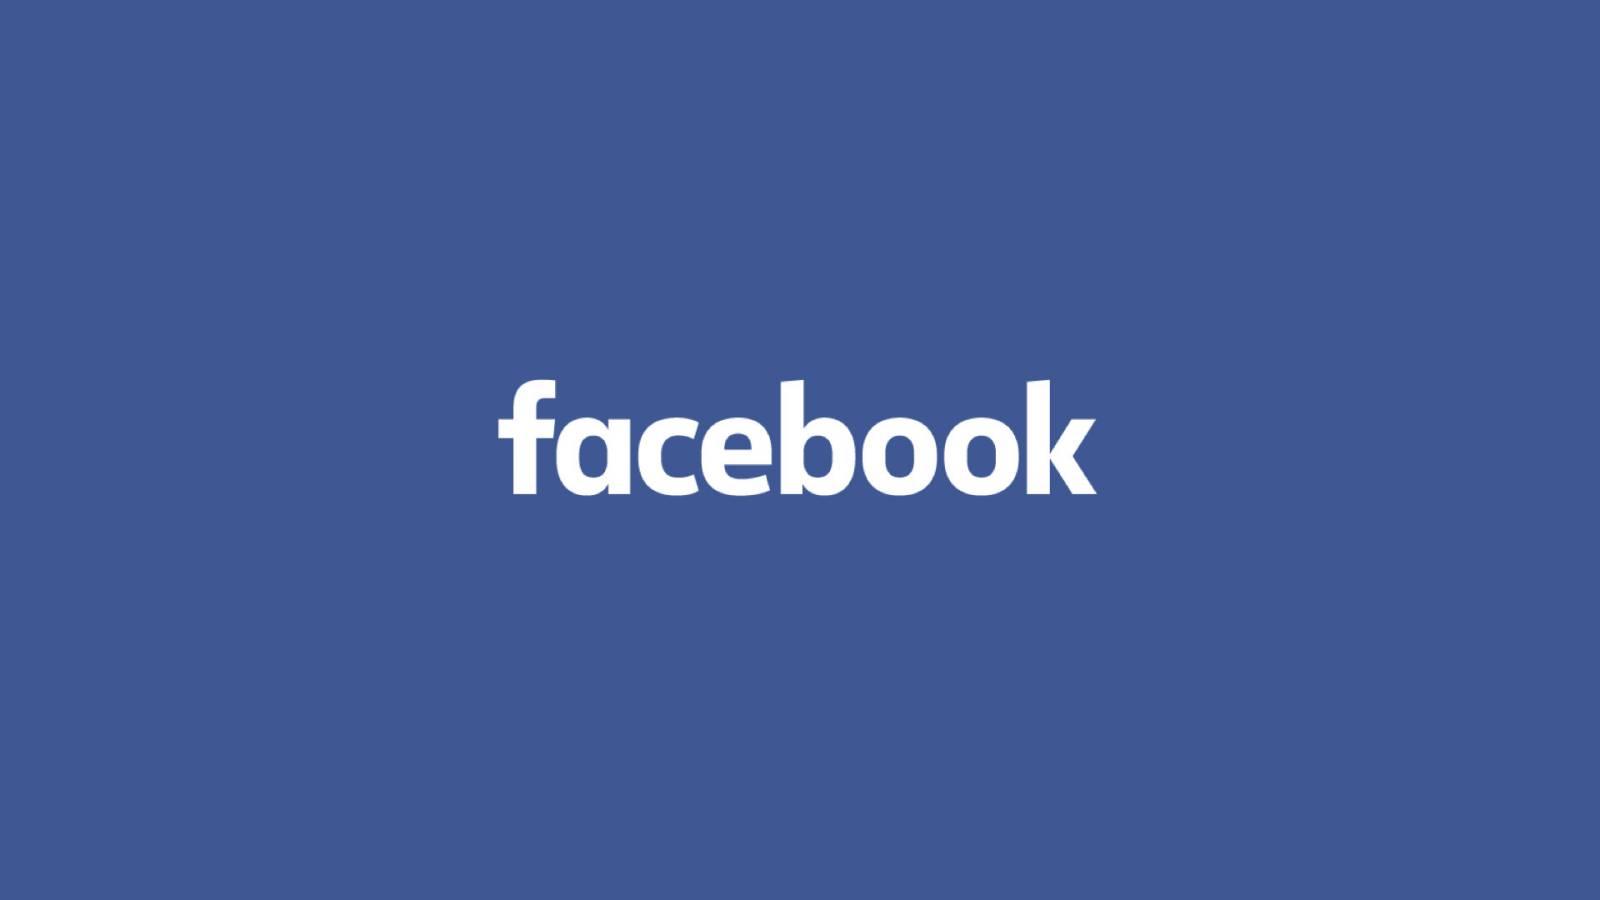 Facebook criptomoneda diem